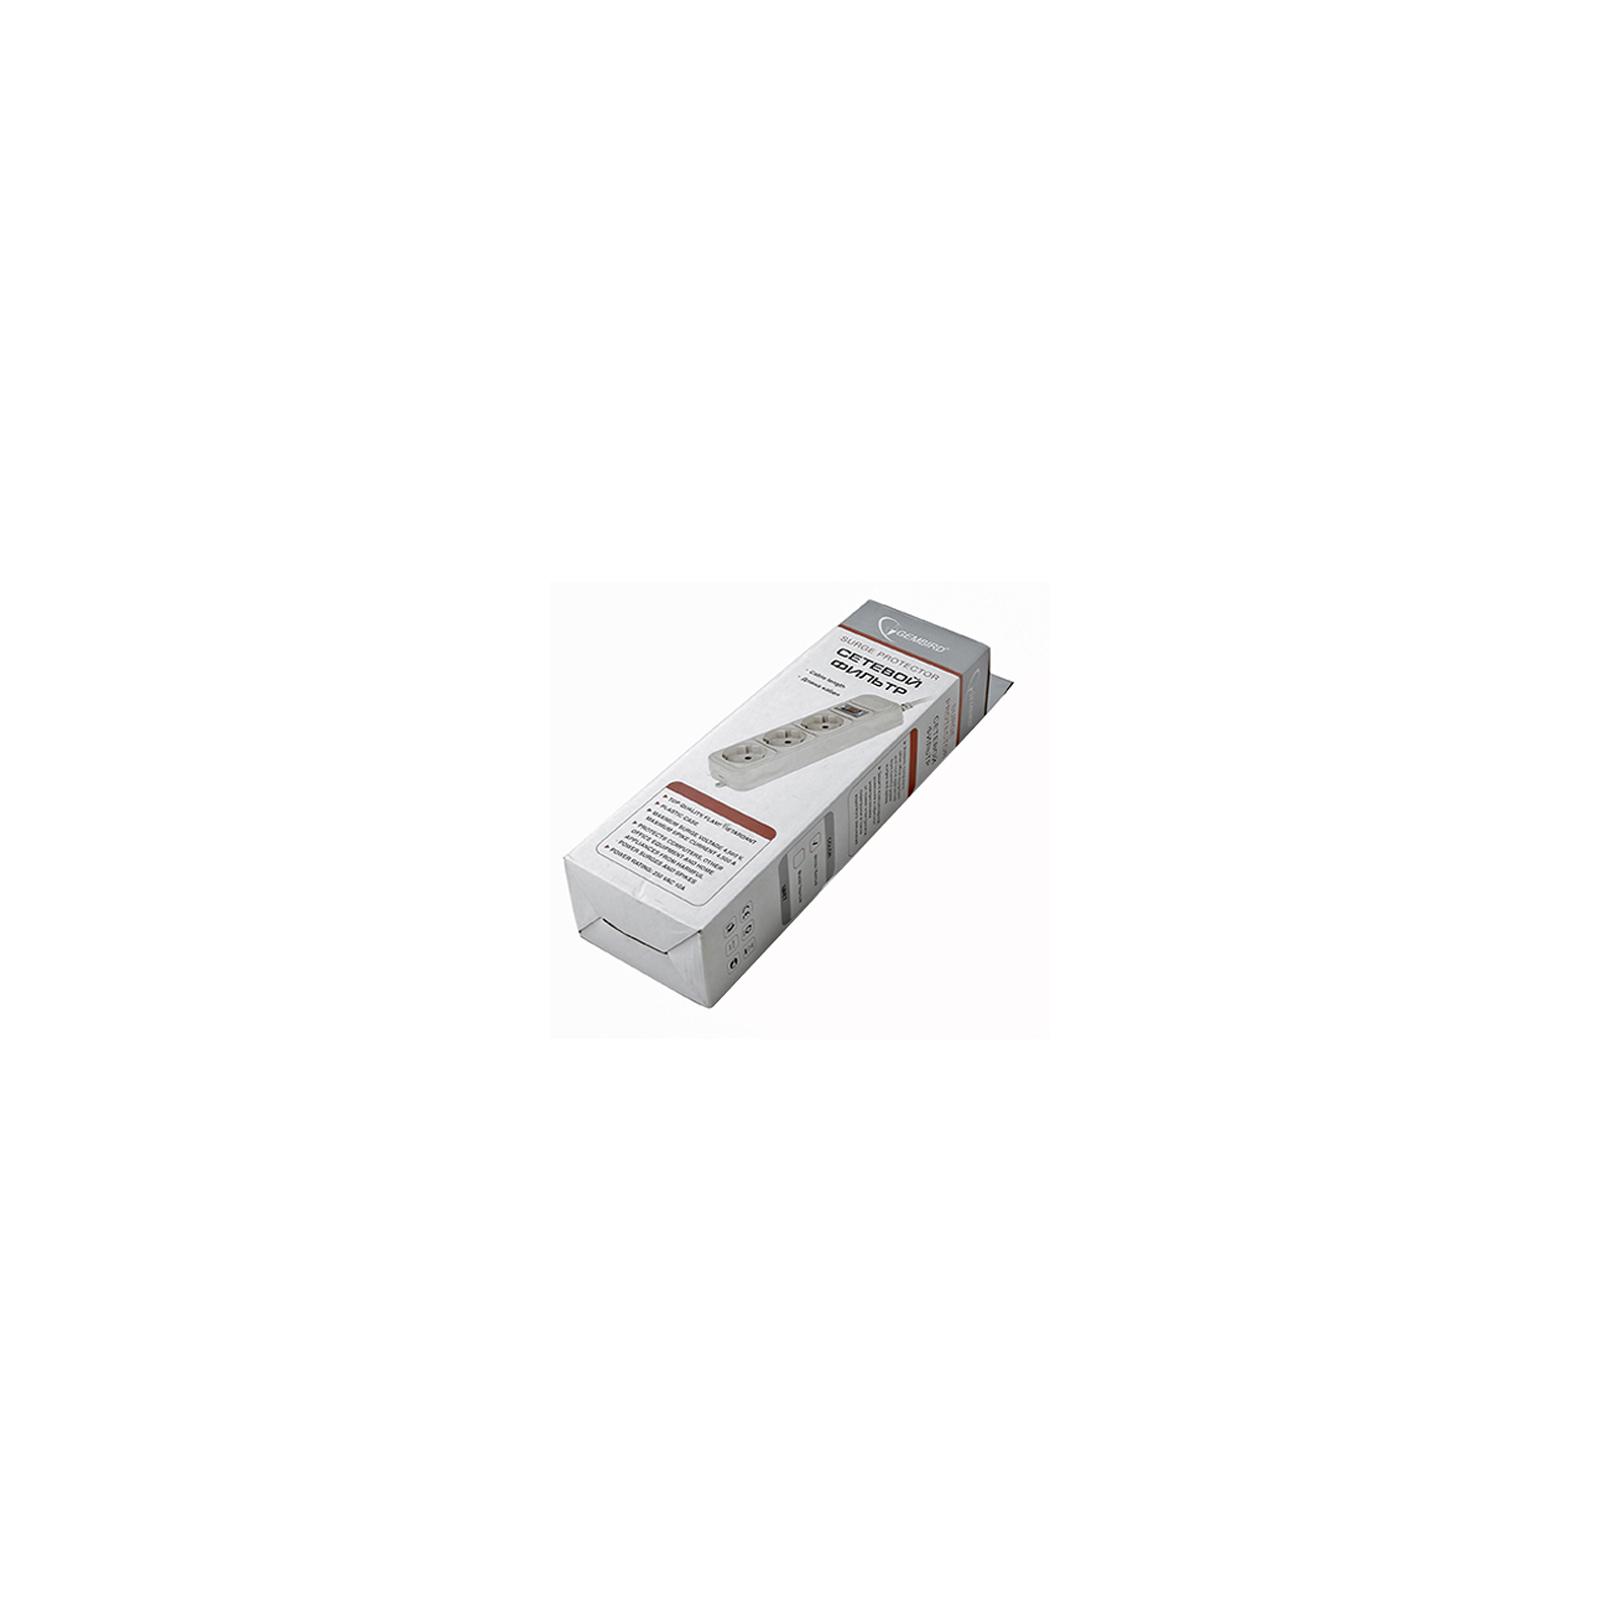 Сетевой фильтр питания Surgerprotector SPG3W-B-15PP (SP3-G-15W) изображение 2